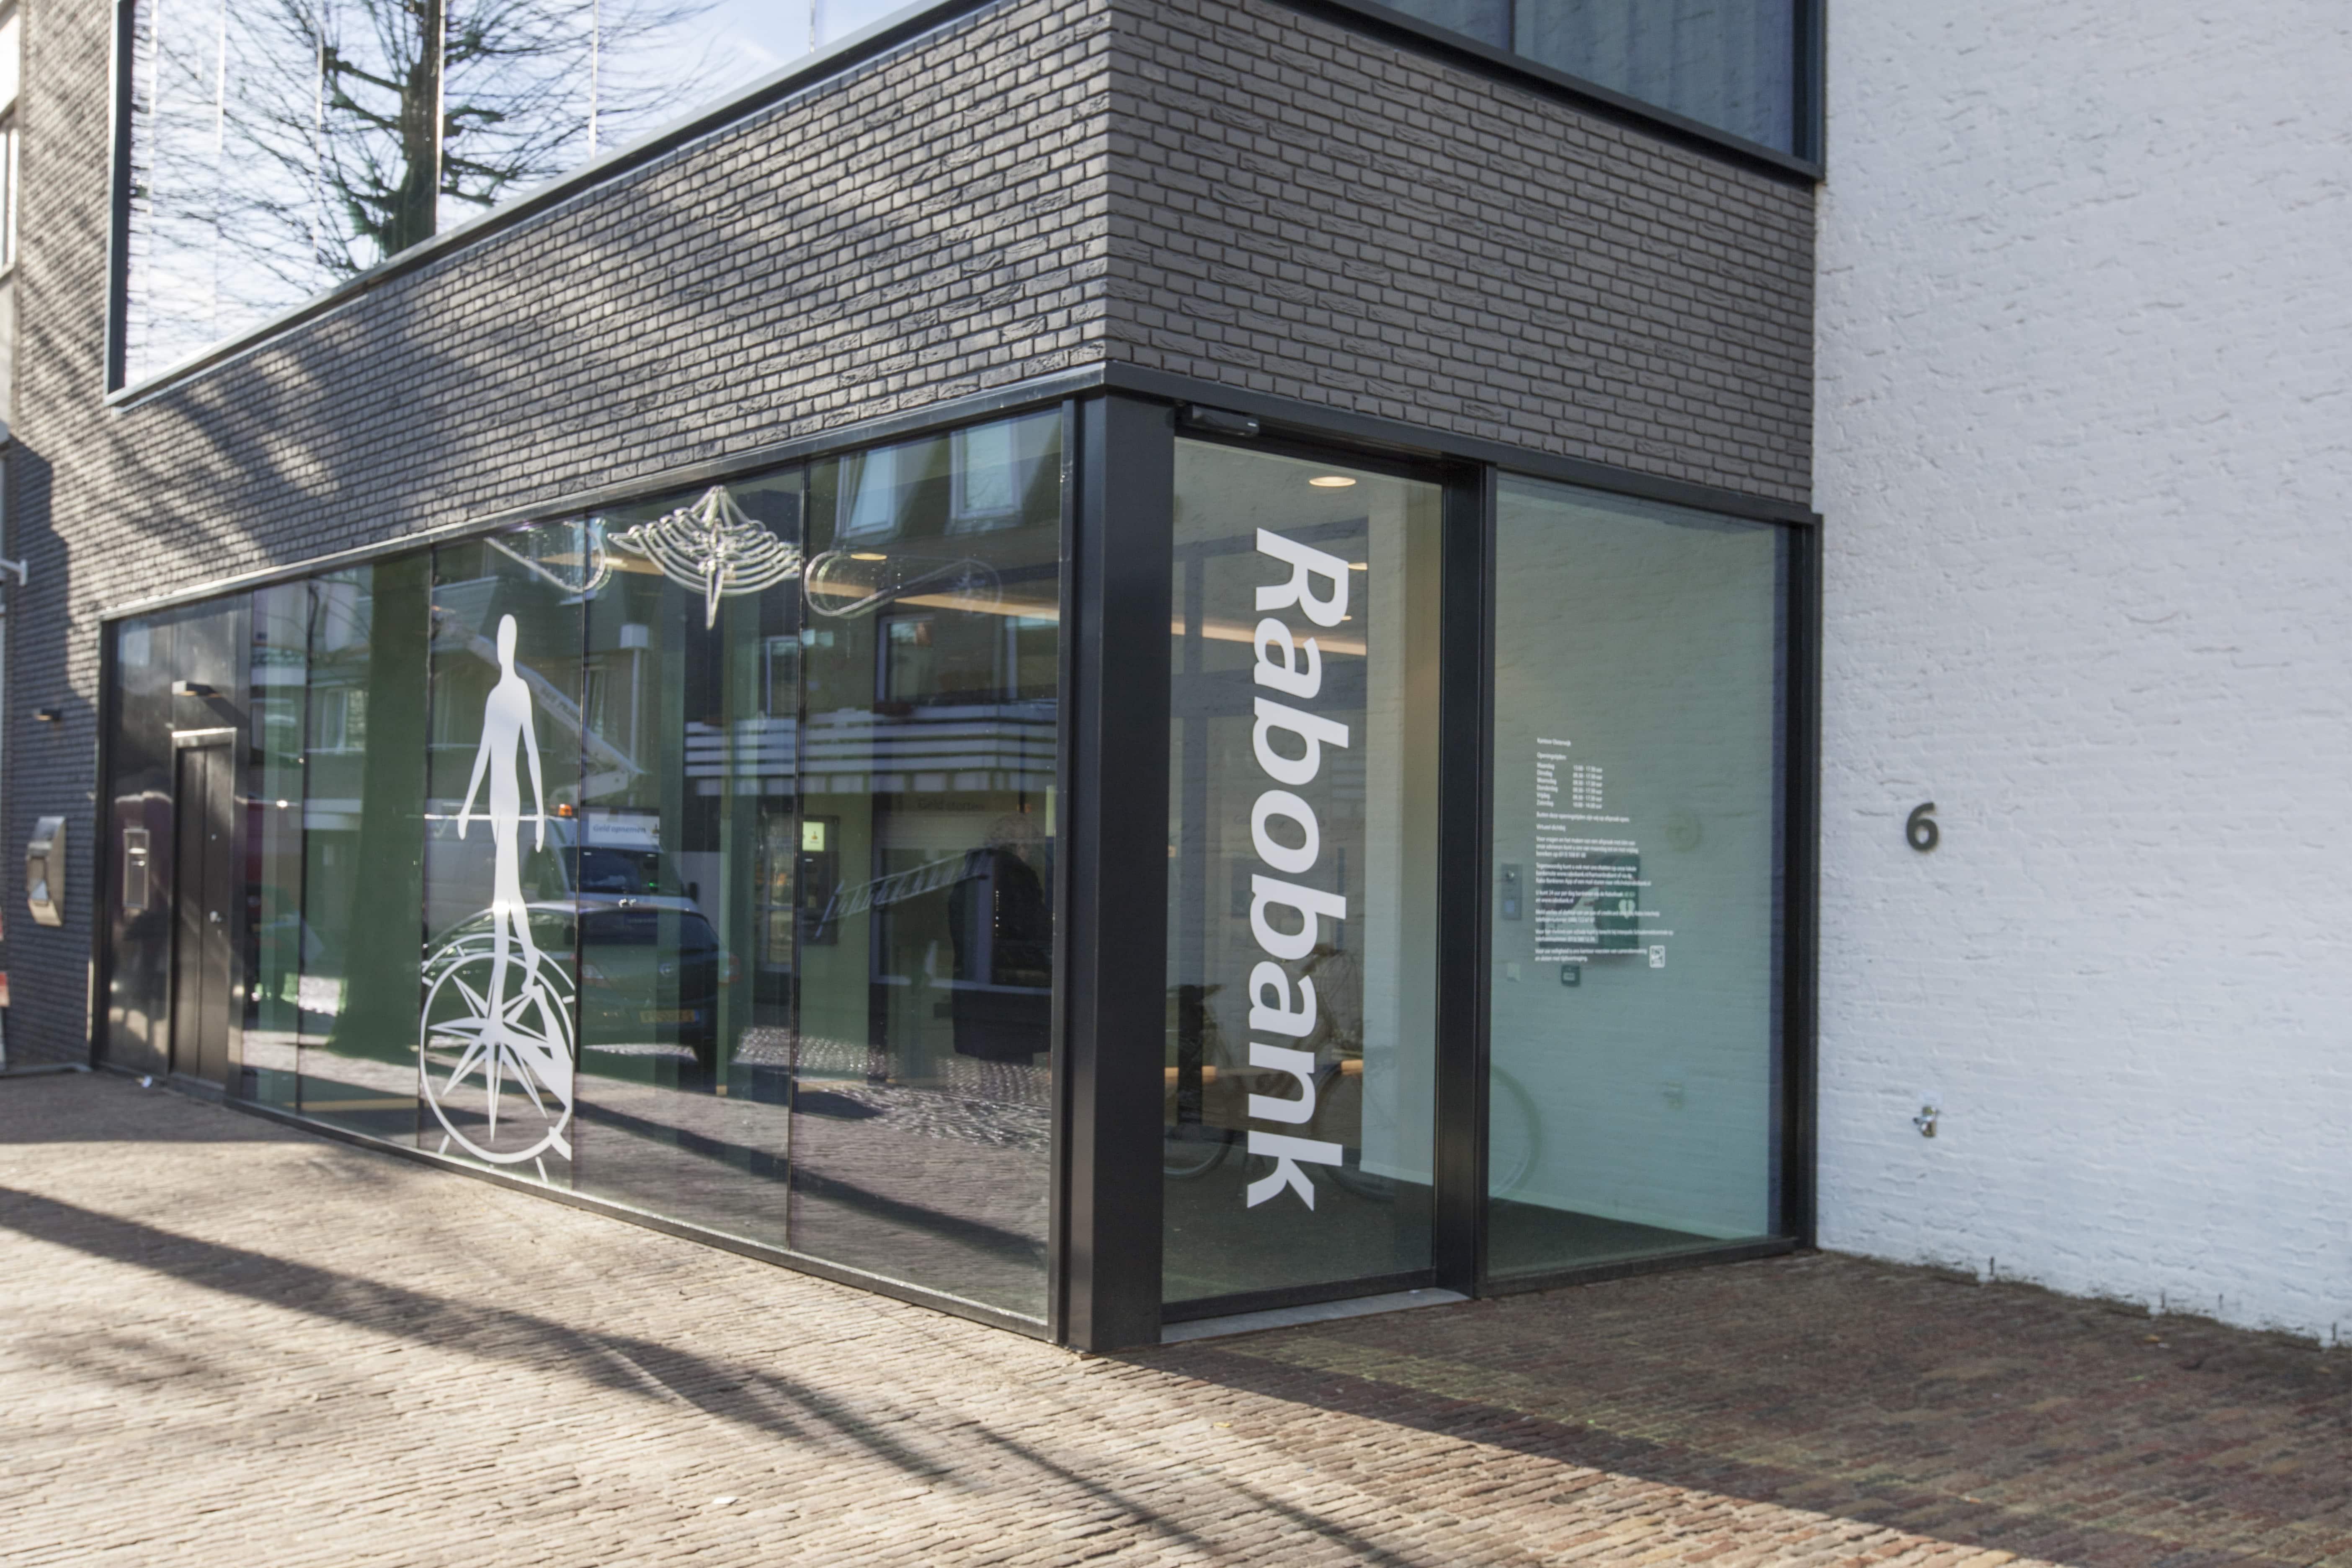 Project hoogspoor rabobank Oisterwijk